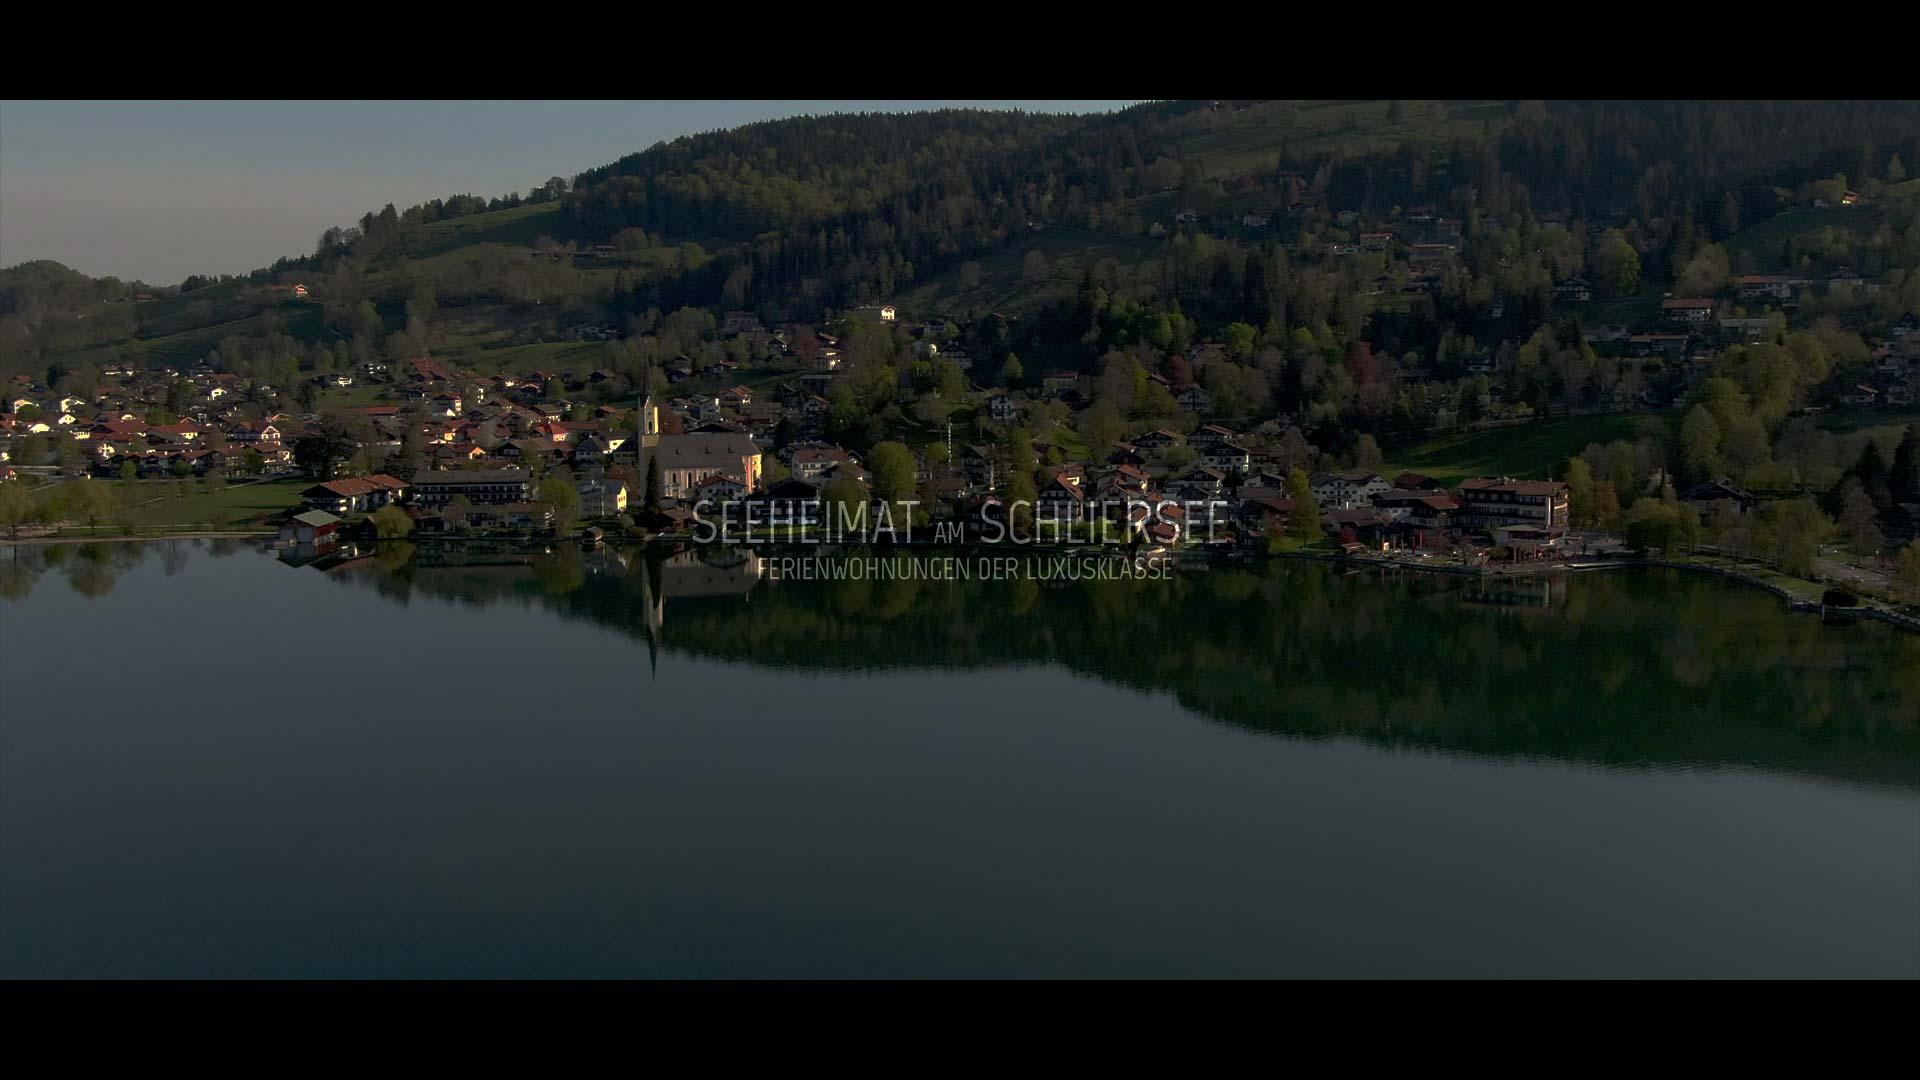 3dkad-Imagefilm-Bayern hält zusammen-Seeheimat